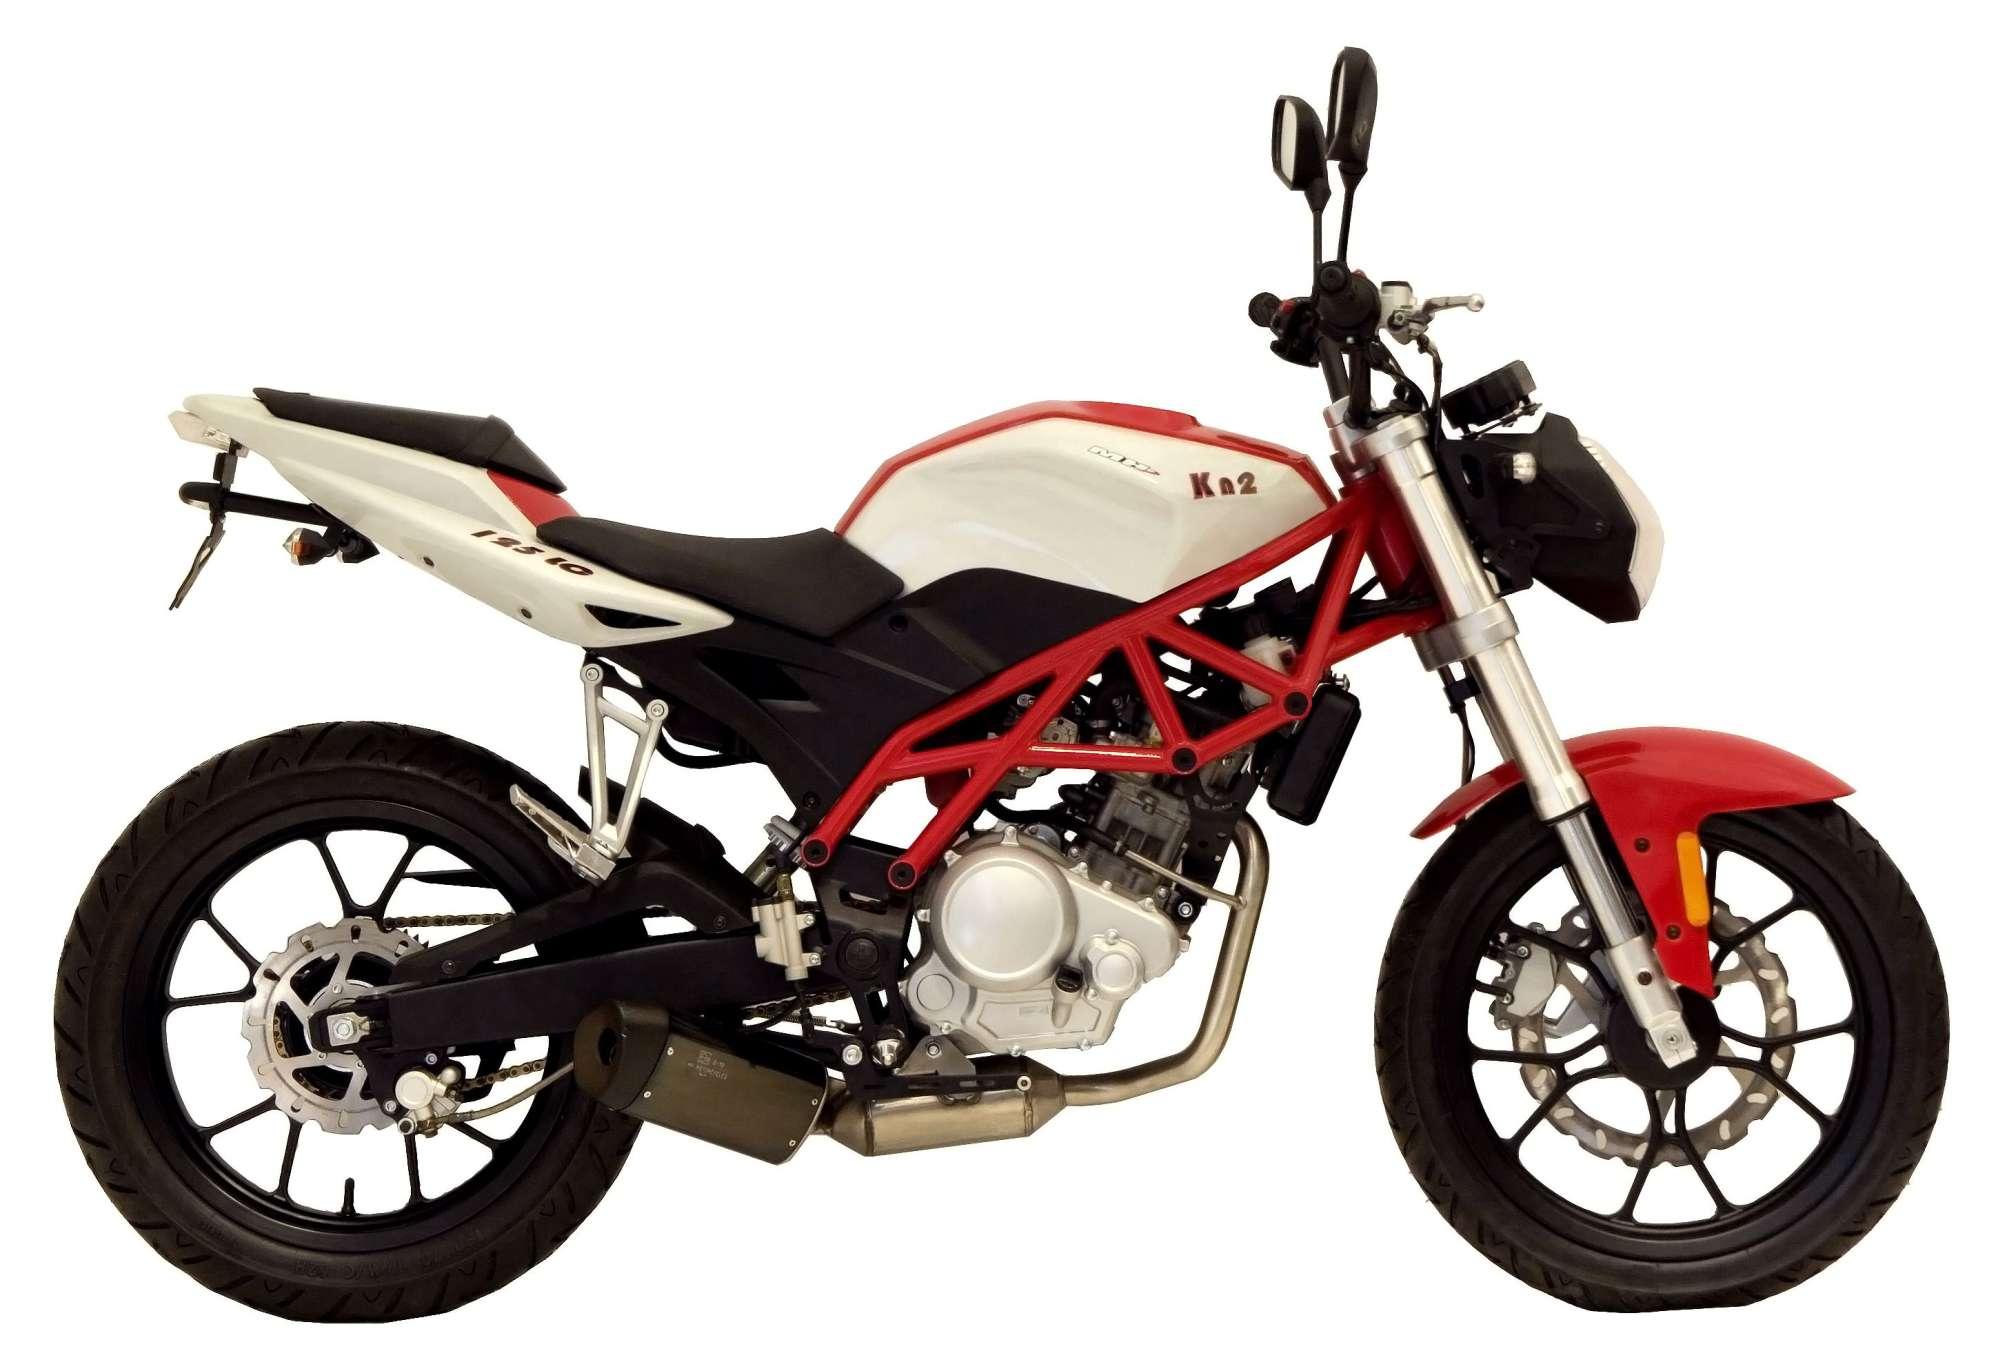 naked bike 125